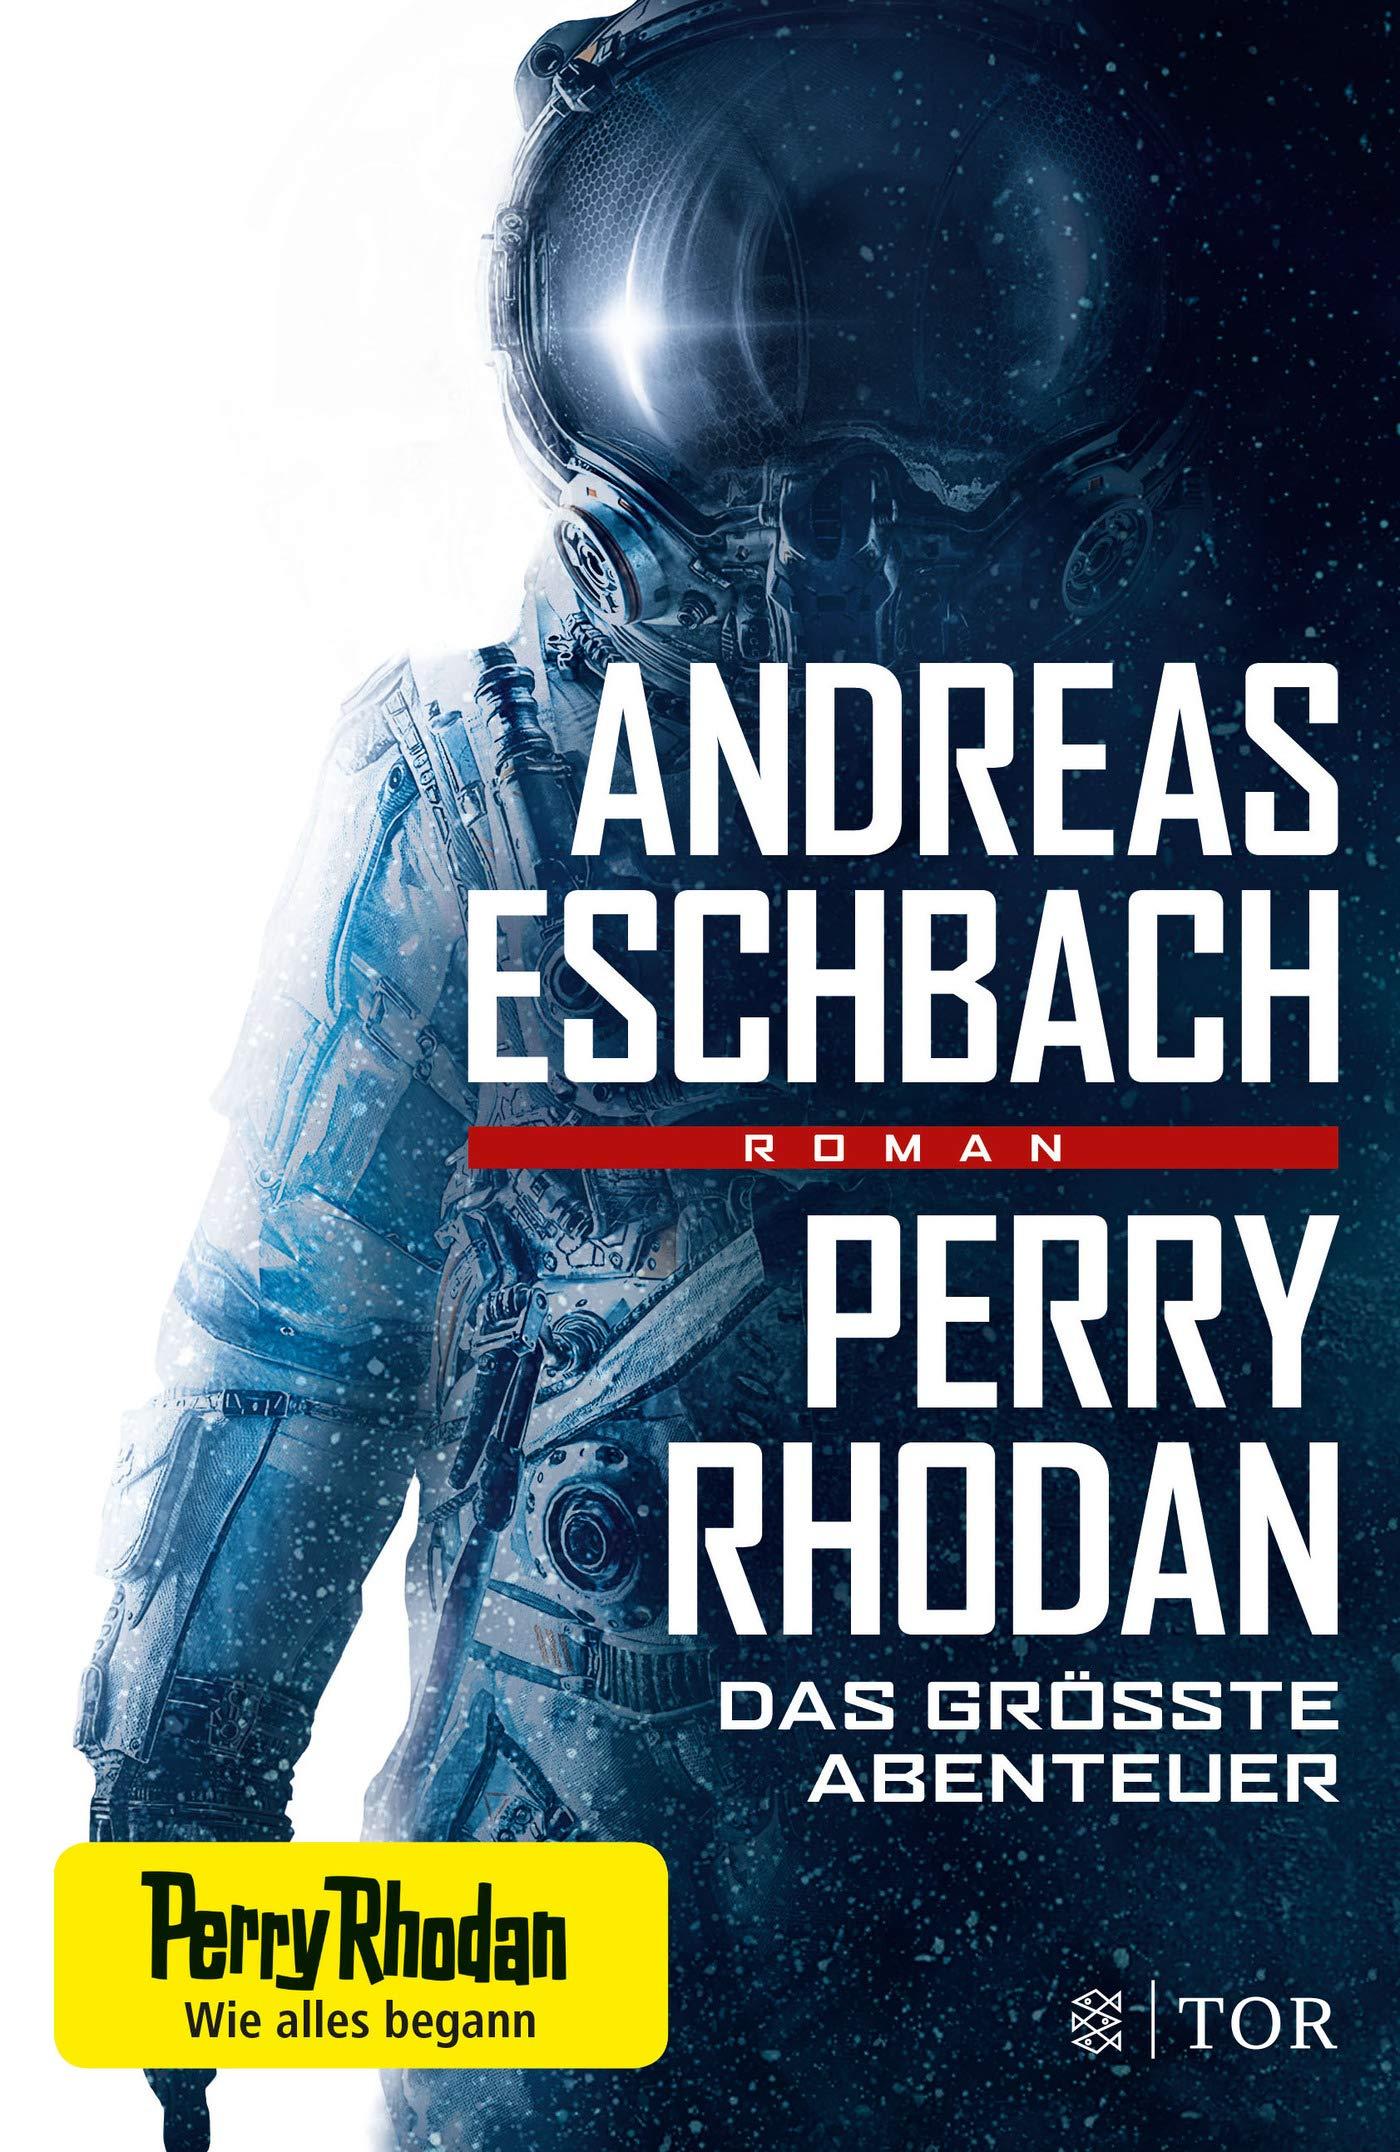 Perry Rhodan - Das größte Abenteuer: Roman Gebundenes Buch – 27. Februar 2019 Andreas Eschbach FISCHER Tor 3596701457 Cape Canaveral